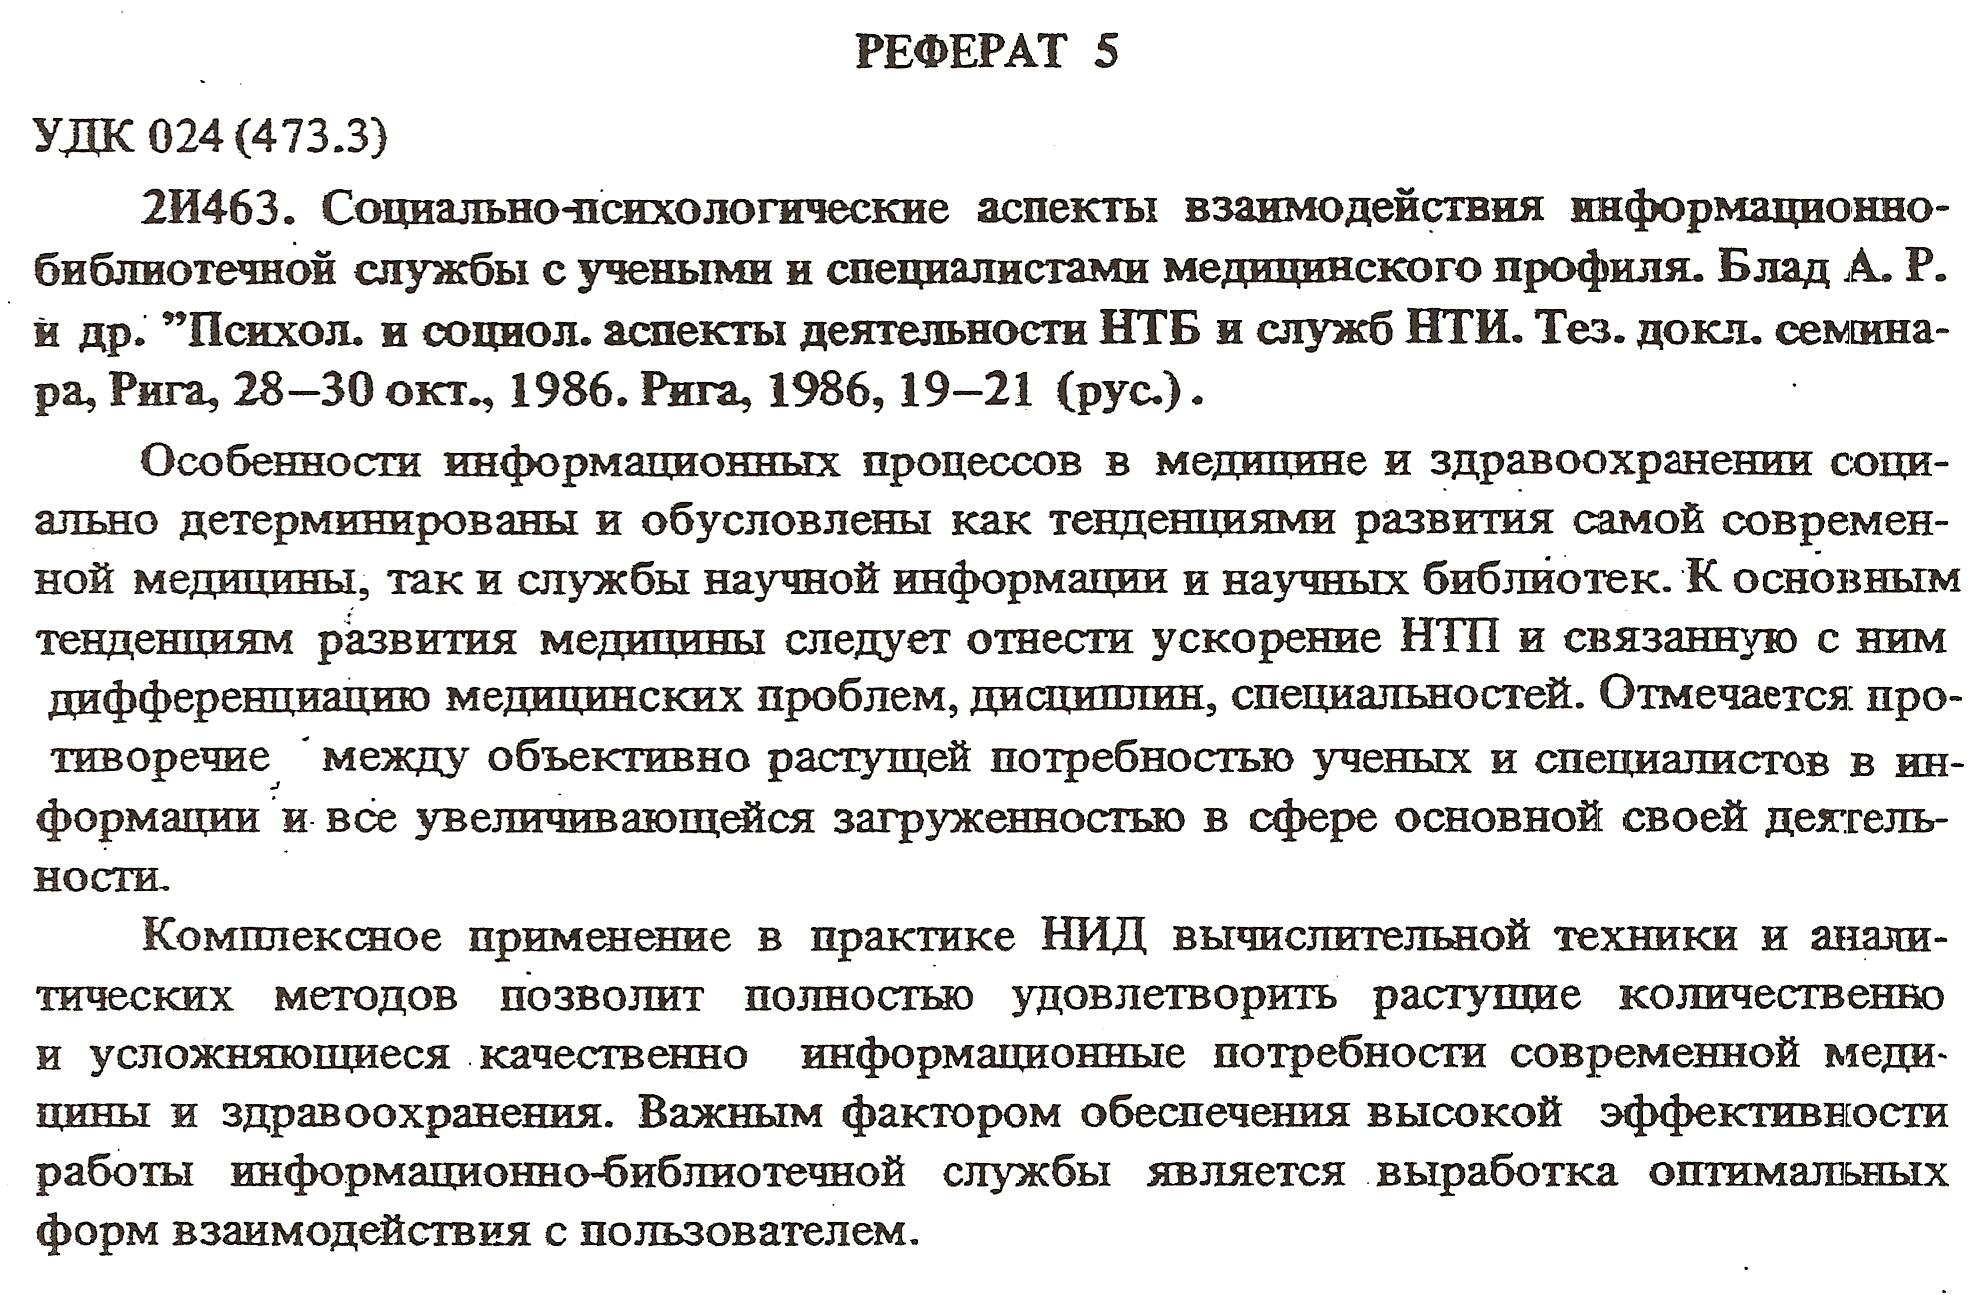 Глава Анализ документов  количество знаков примерно 500 и 400 знаков соответственно что позволяет отнести их к аннотациям В них меньше 20 объектов 14 и 16 соответственно